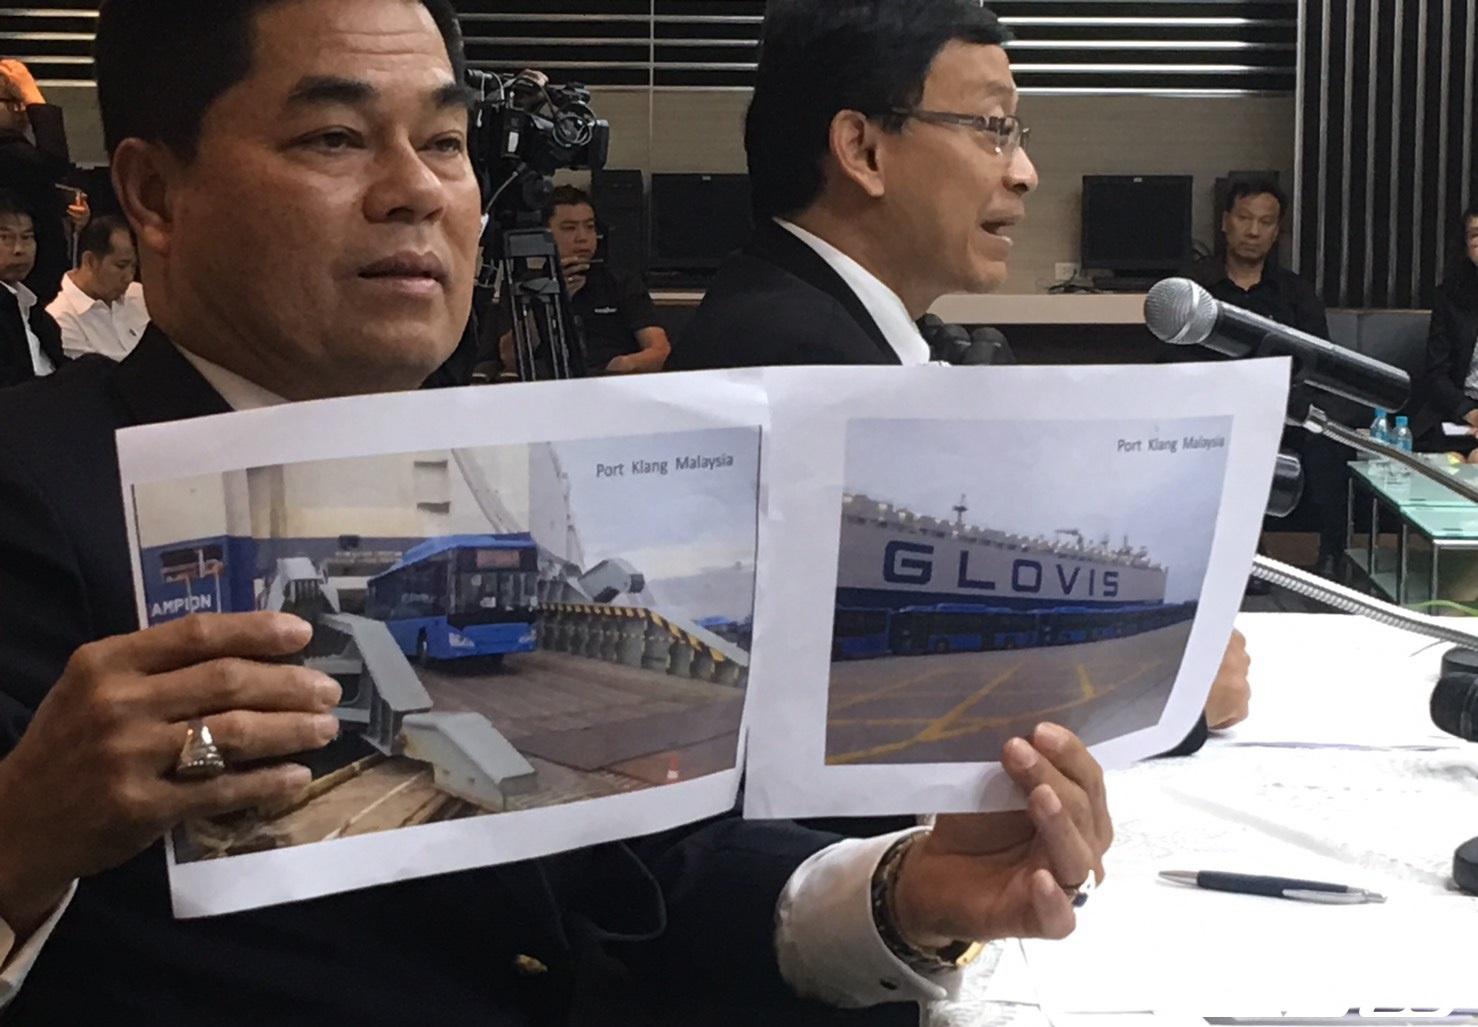 กรมศุลฯ โชว์หลักฐานเด็ด รถเมล์ NGV ถูกขนขึ้นเรือจากจีน (คลิป)